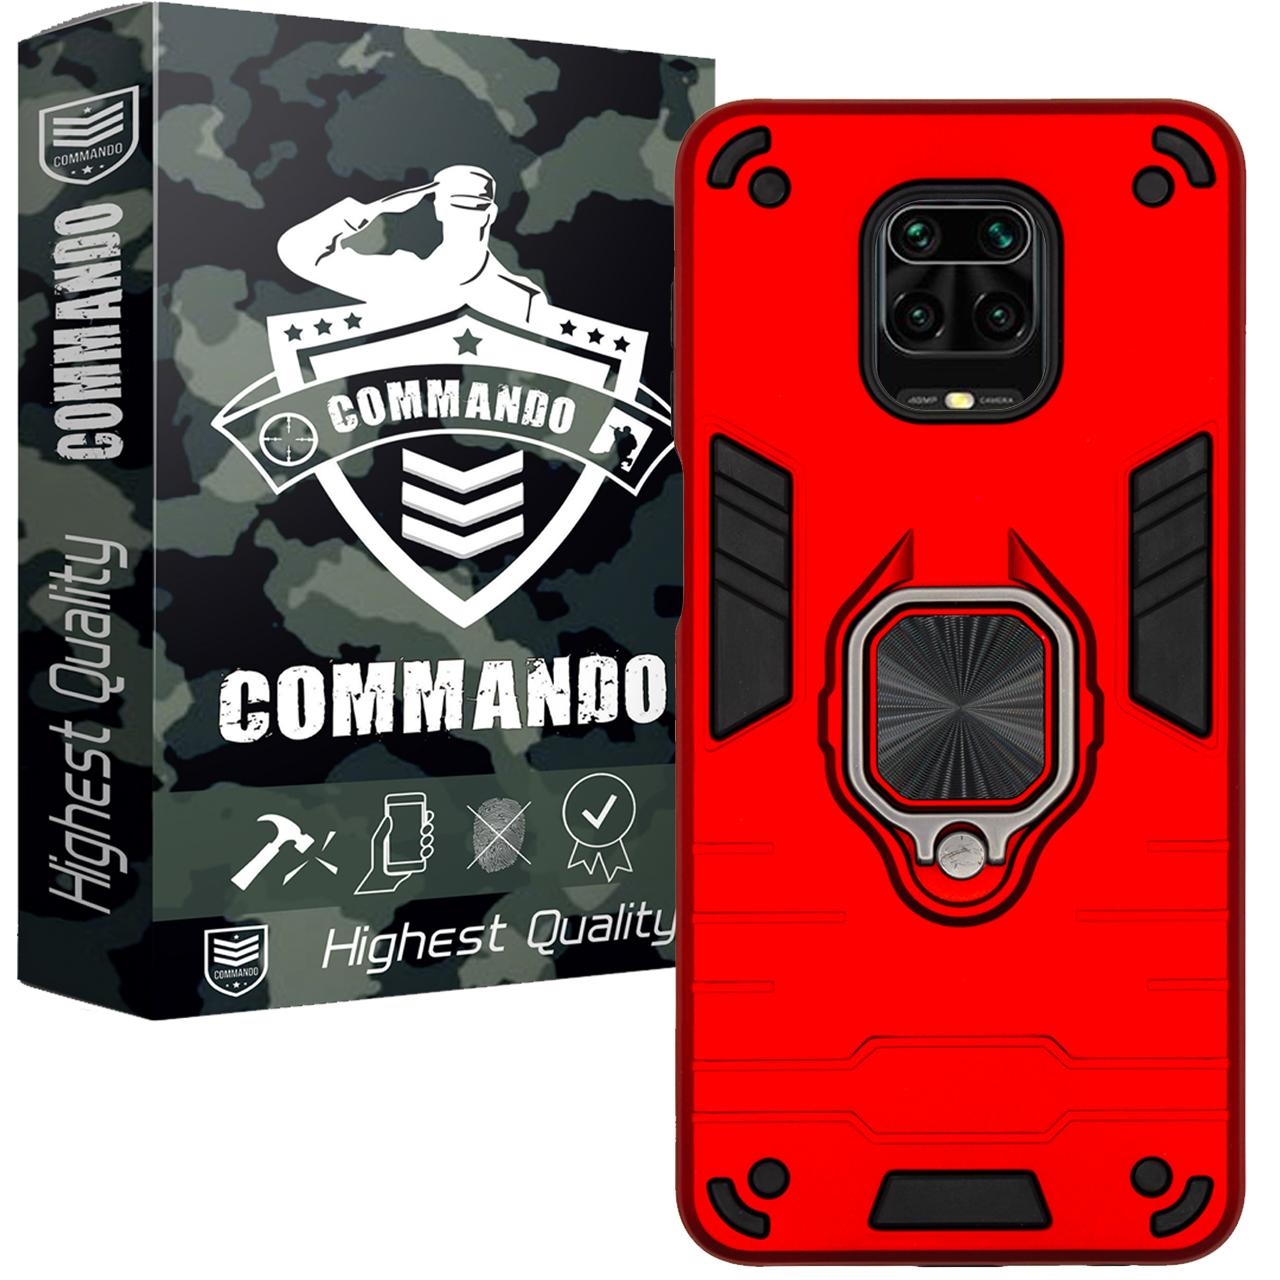 کاور کماندو مدل ASH22 مناسب برای گوشی موبایل شیائومی Redmi Note 9S / Note 9 Pro / Note 9 Pro Max              ( قیمت و خرید)